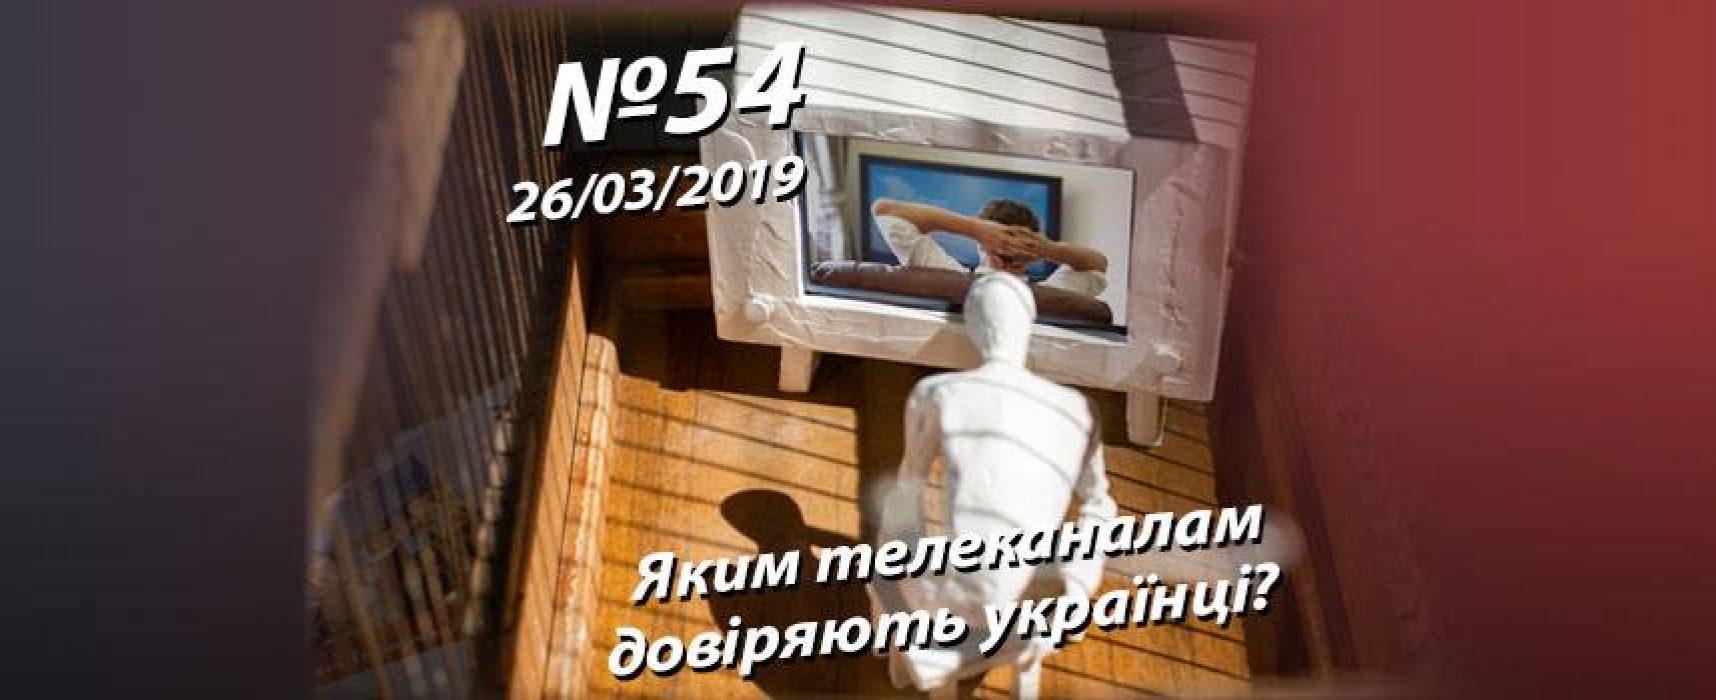 Яким телеканалам довіряють українці? – StopFake.org